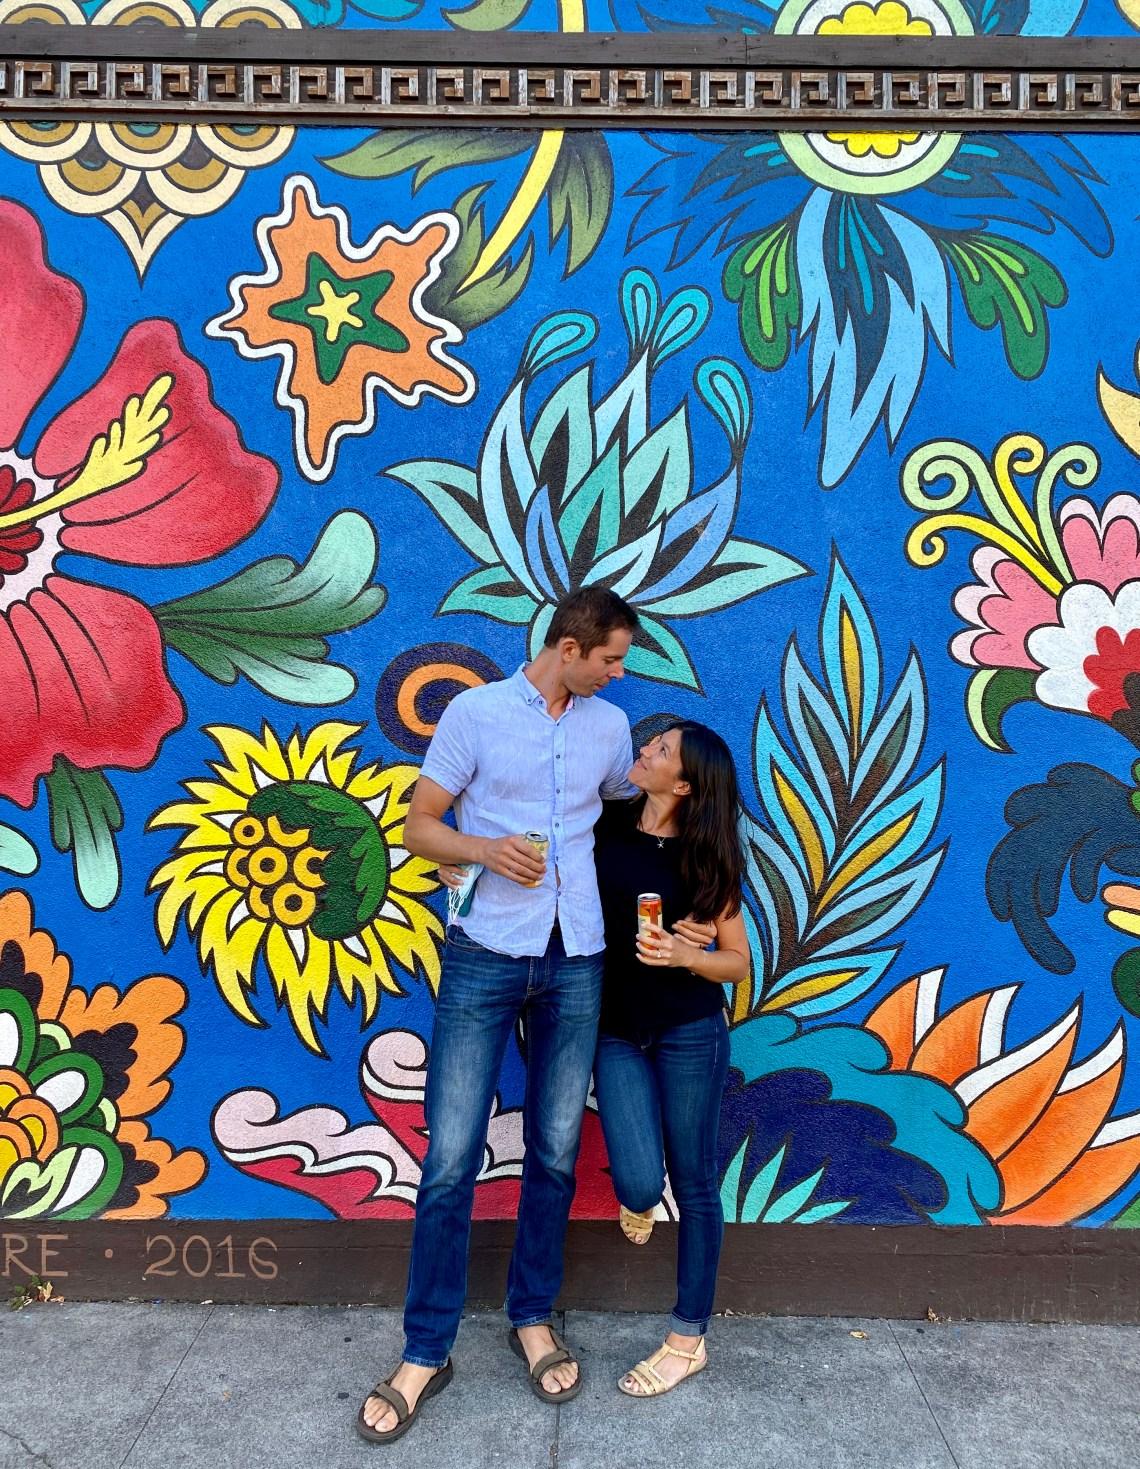 Alberta Arts District Street Art